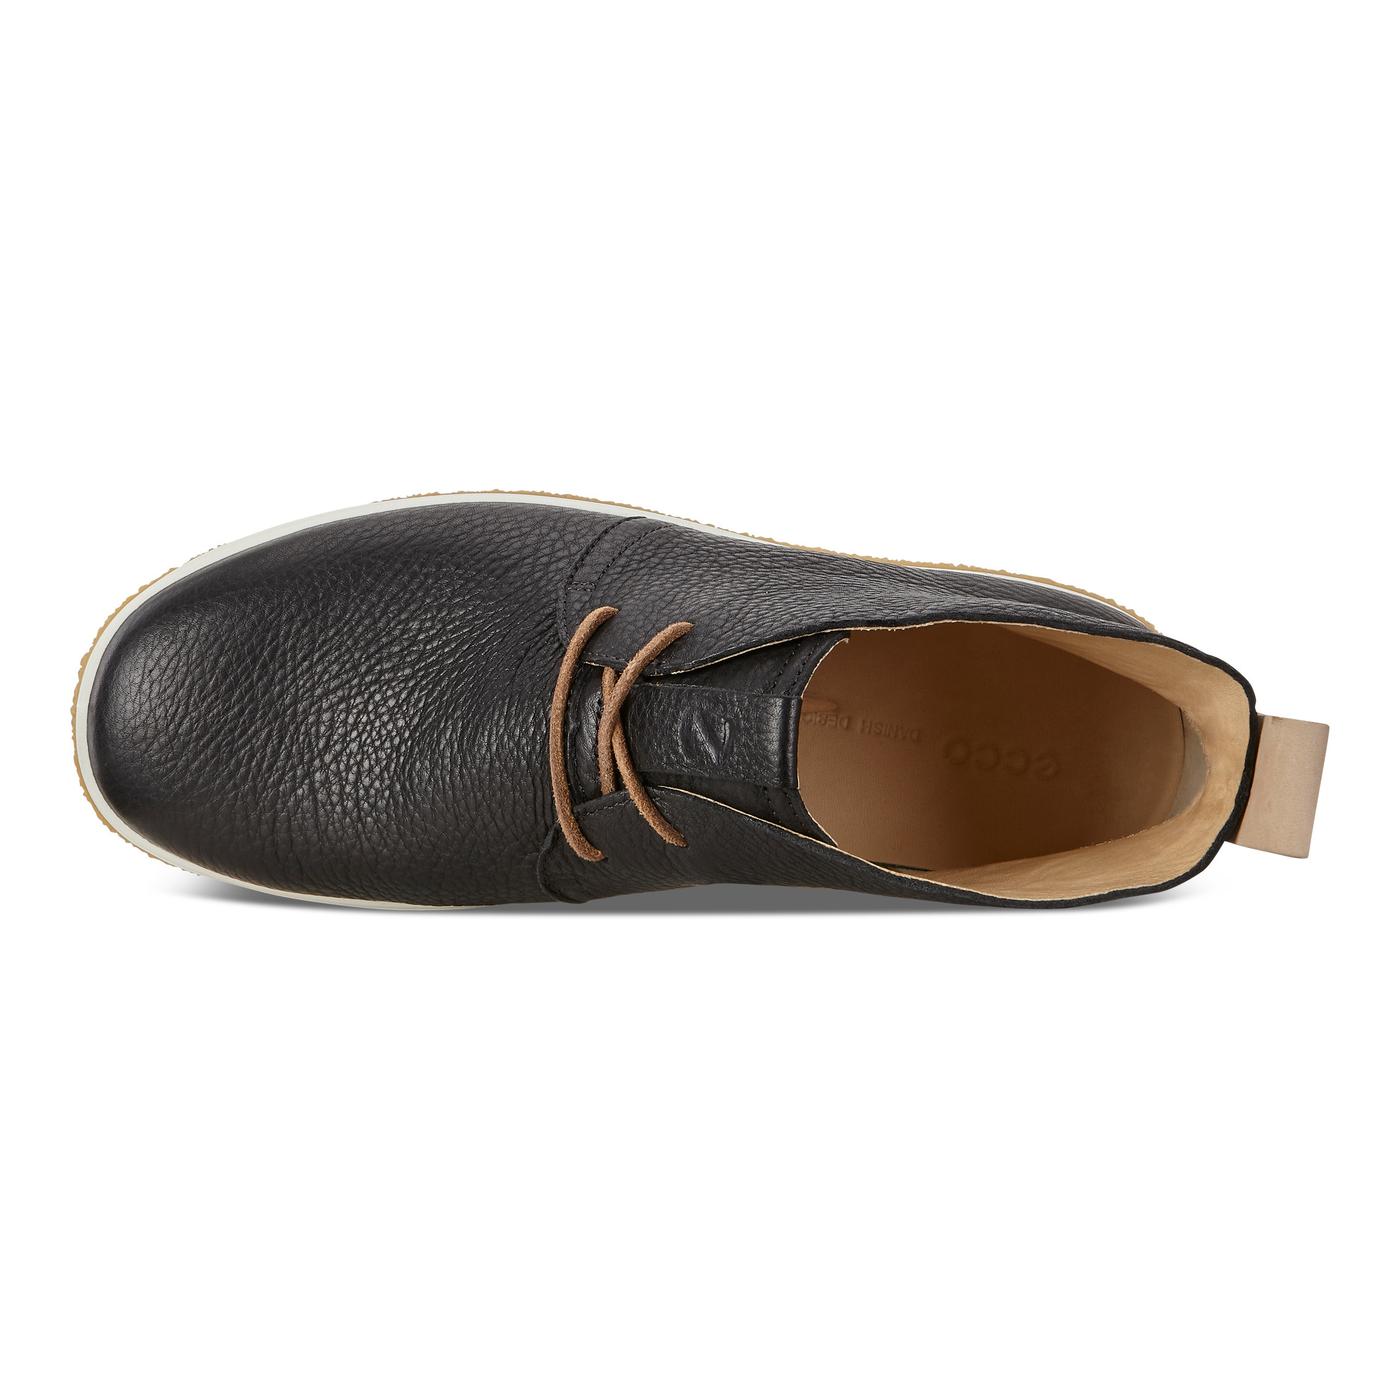 b72a41f5dea ECCO Men's Crepetray™ Chukka | Casual Boots | ECCO® Shoes